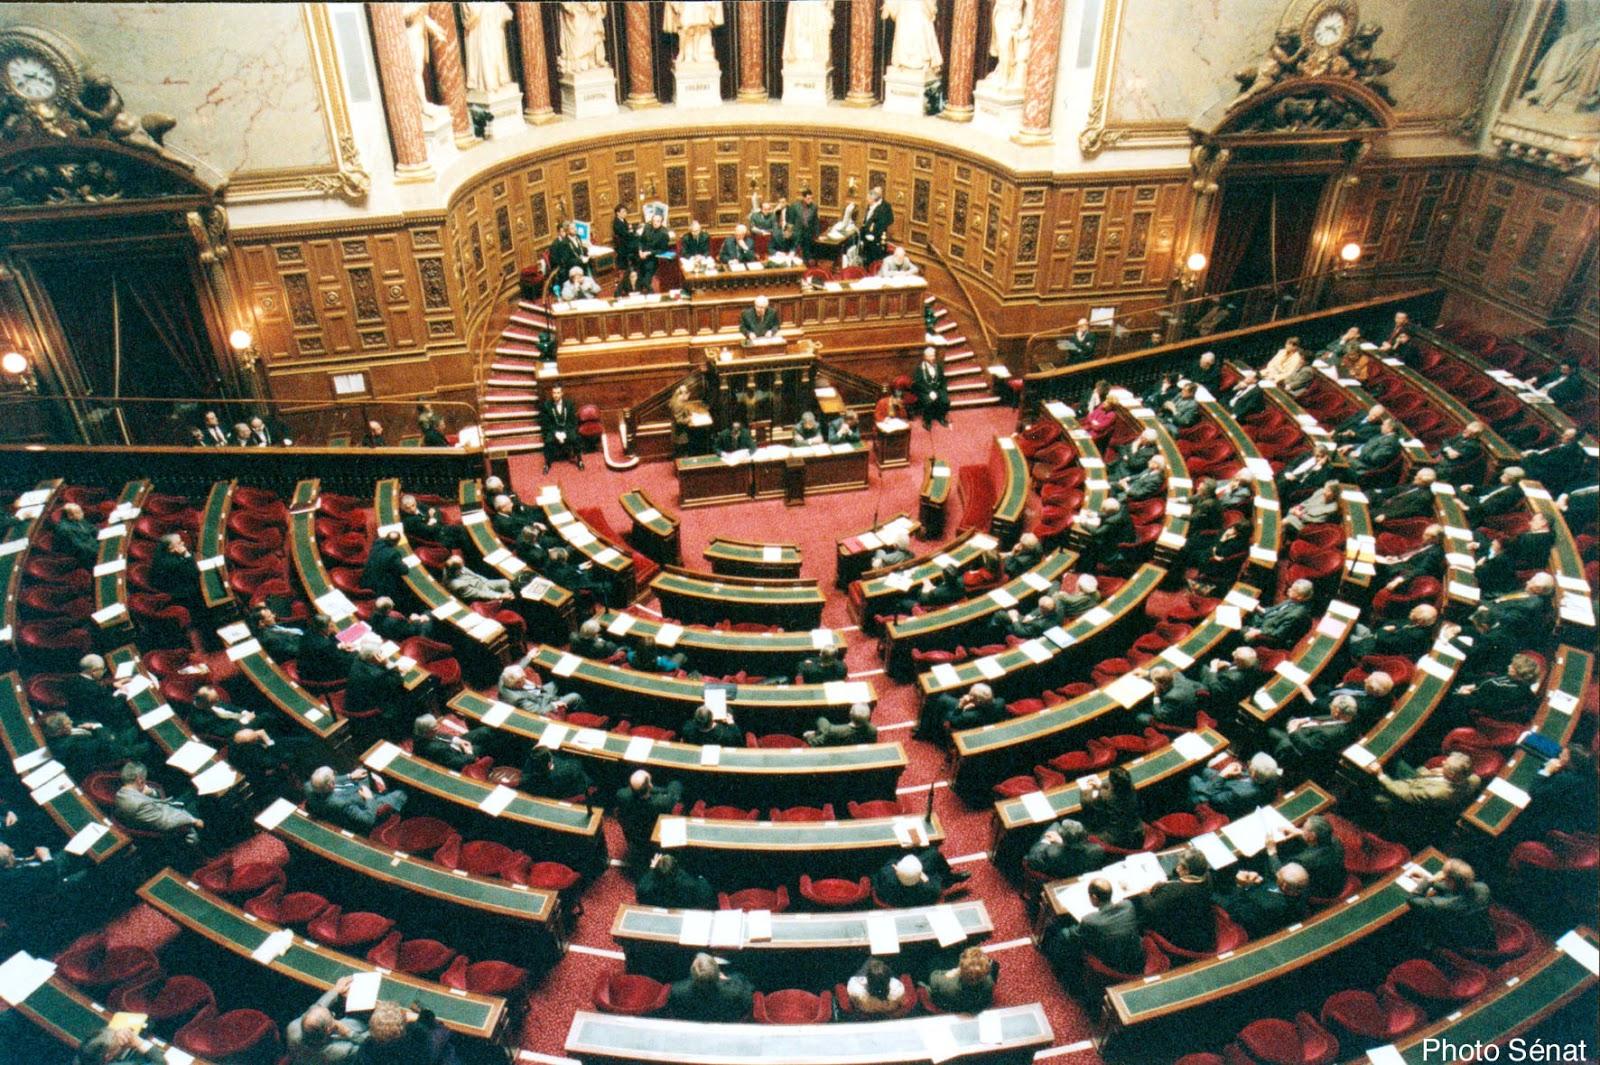 http://education.francetv.fr/videos/politique-mode-d-emploi-le-pouvoir-legislatif-v111005